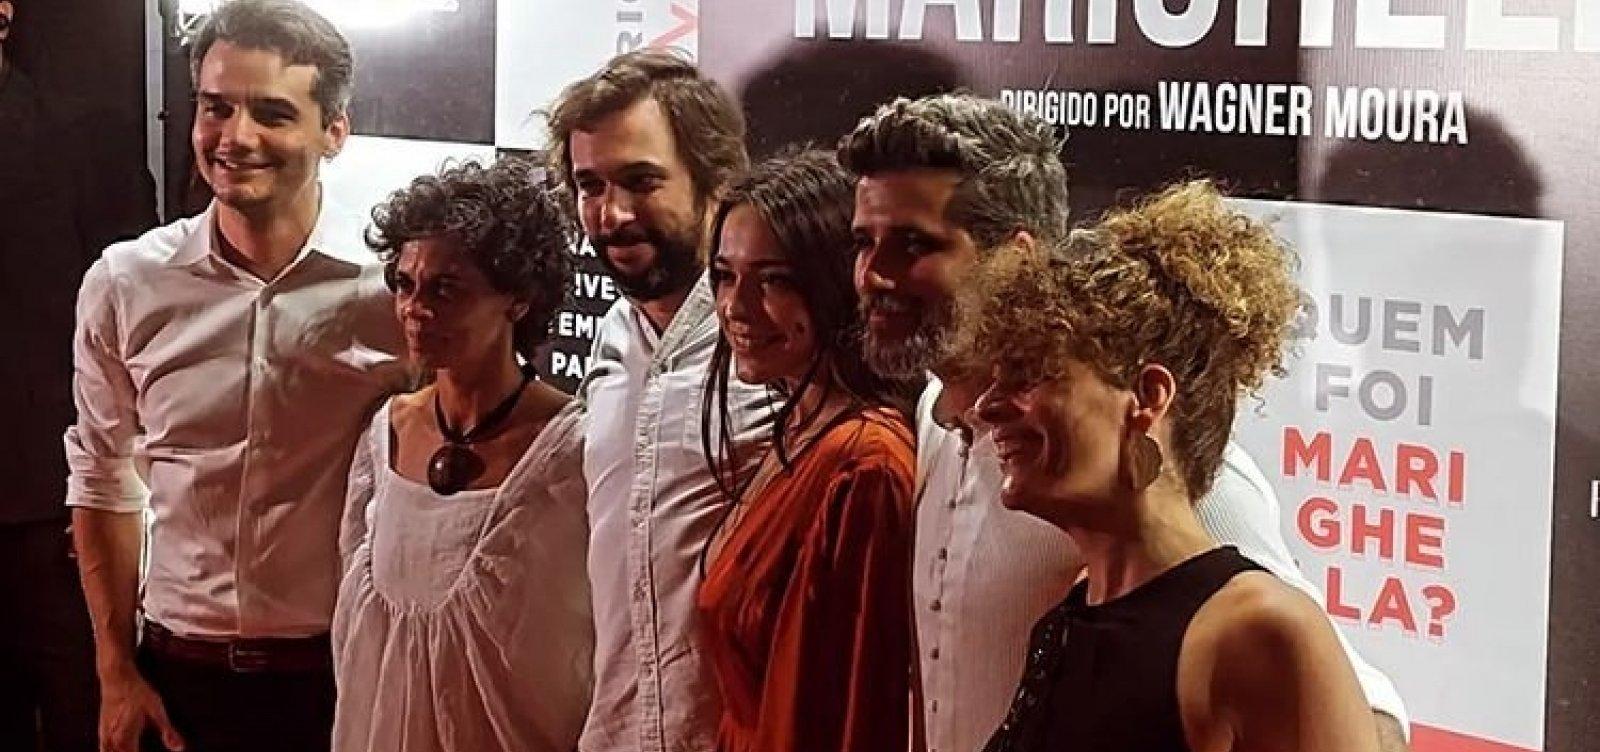 Após embargos, Wagner Moura lança 'Marighella' em evento com filho do guerrilheiro e movimento negro